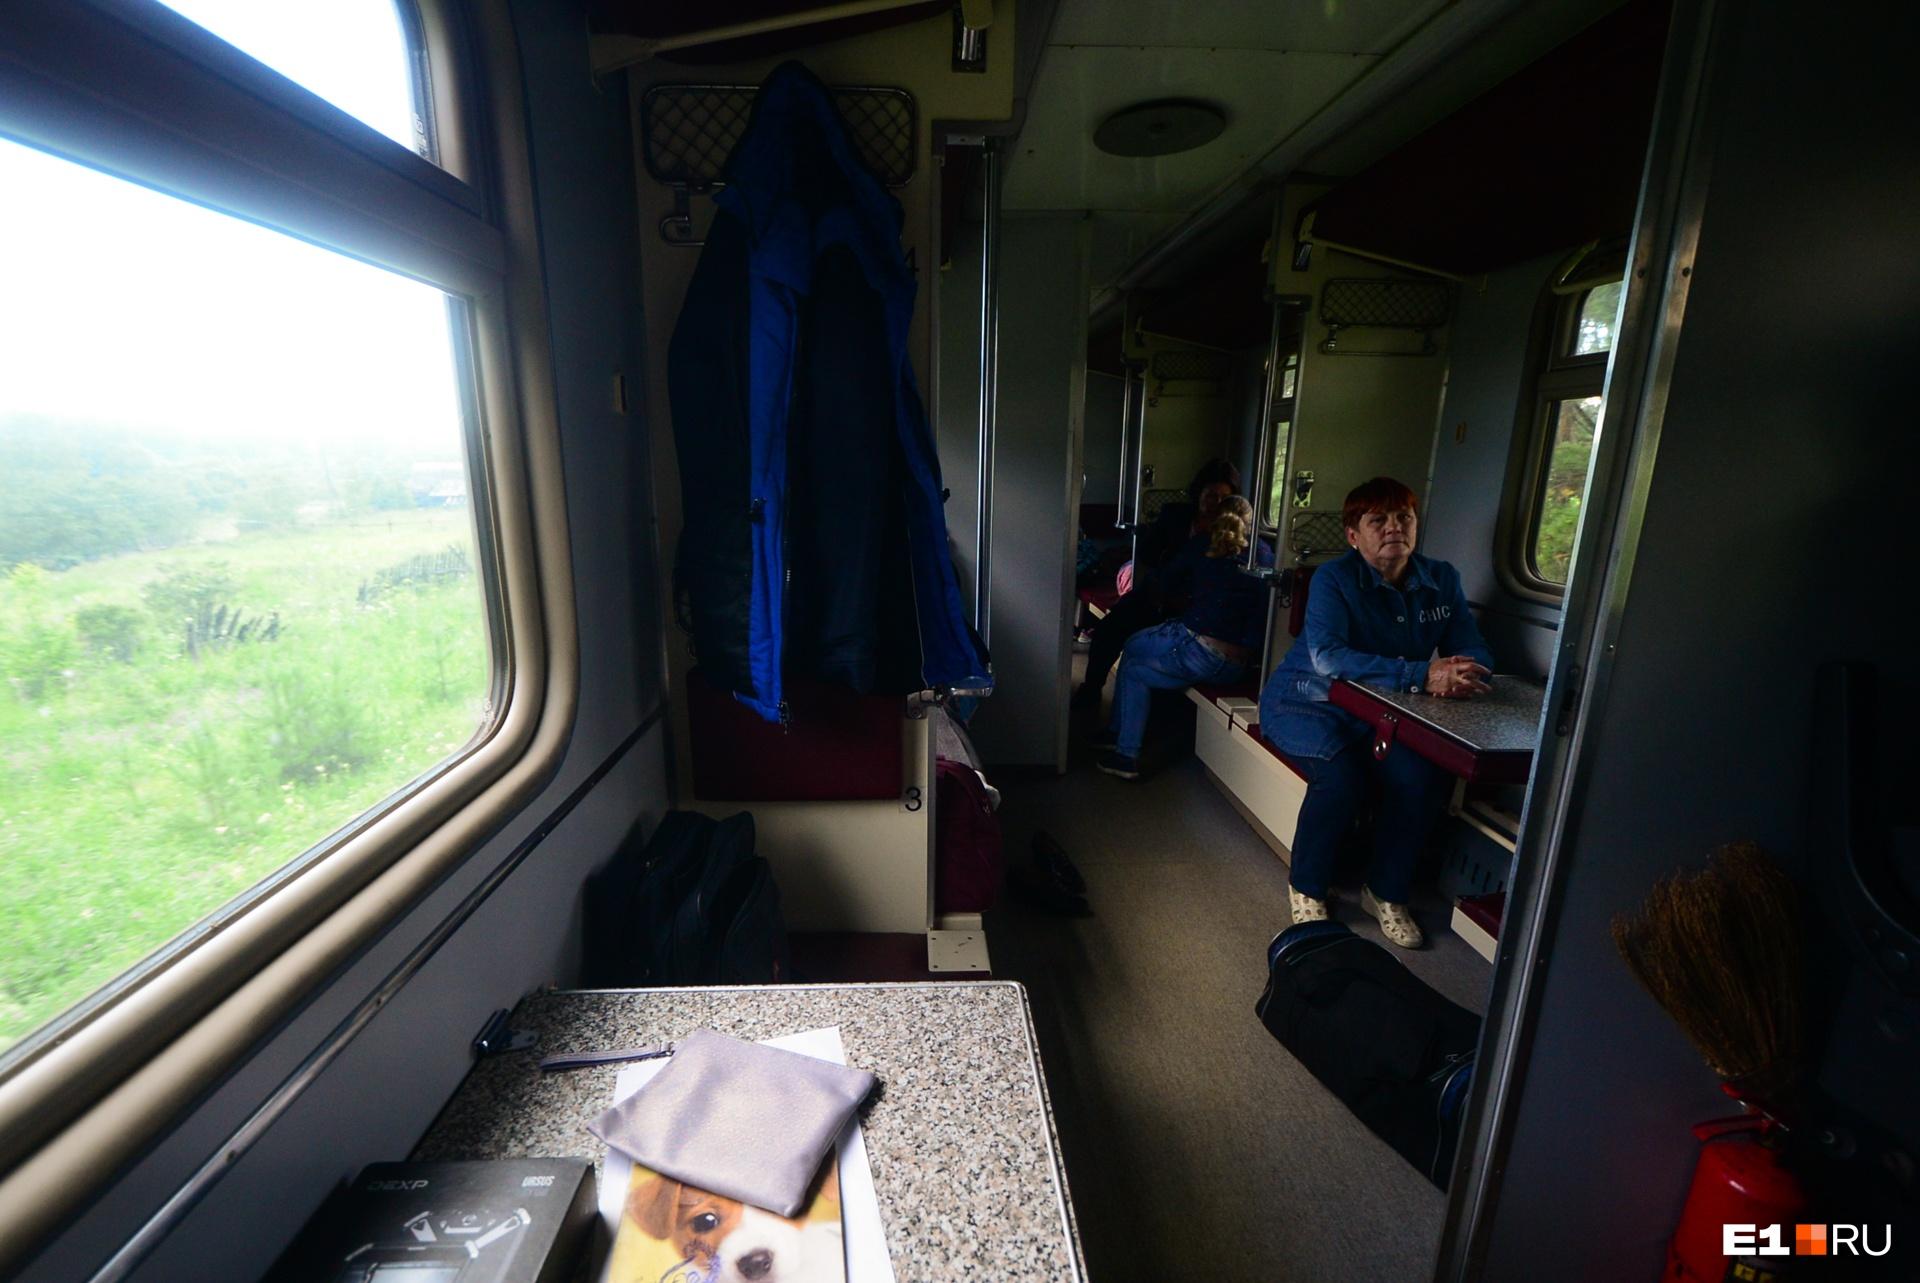 На обратном пути поезд заполнен: жители поселков едут в Алапаевск на выходные